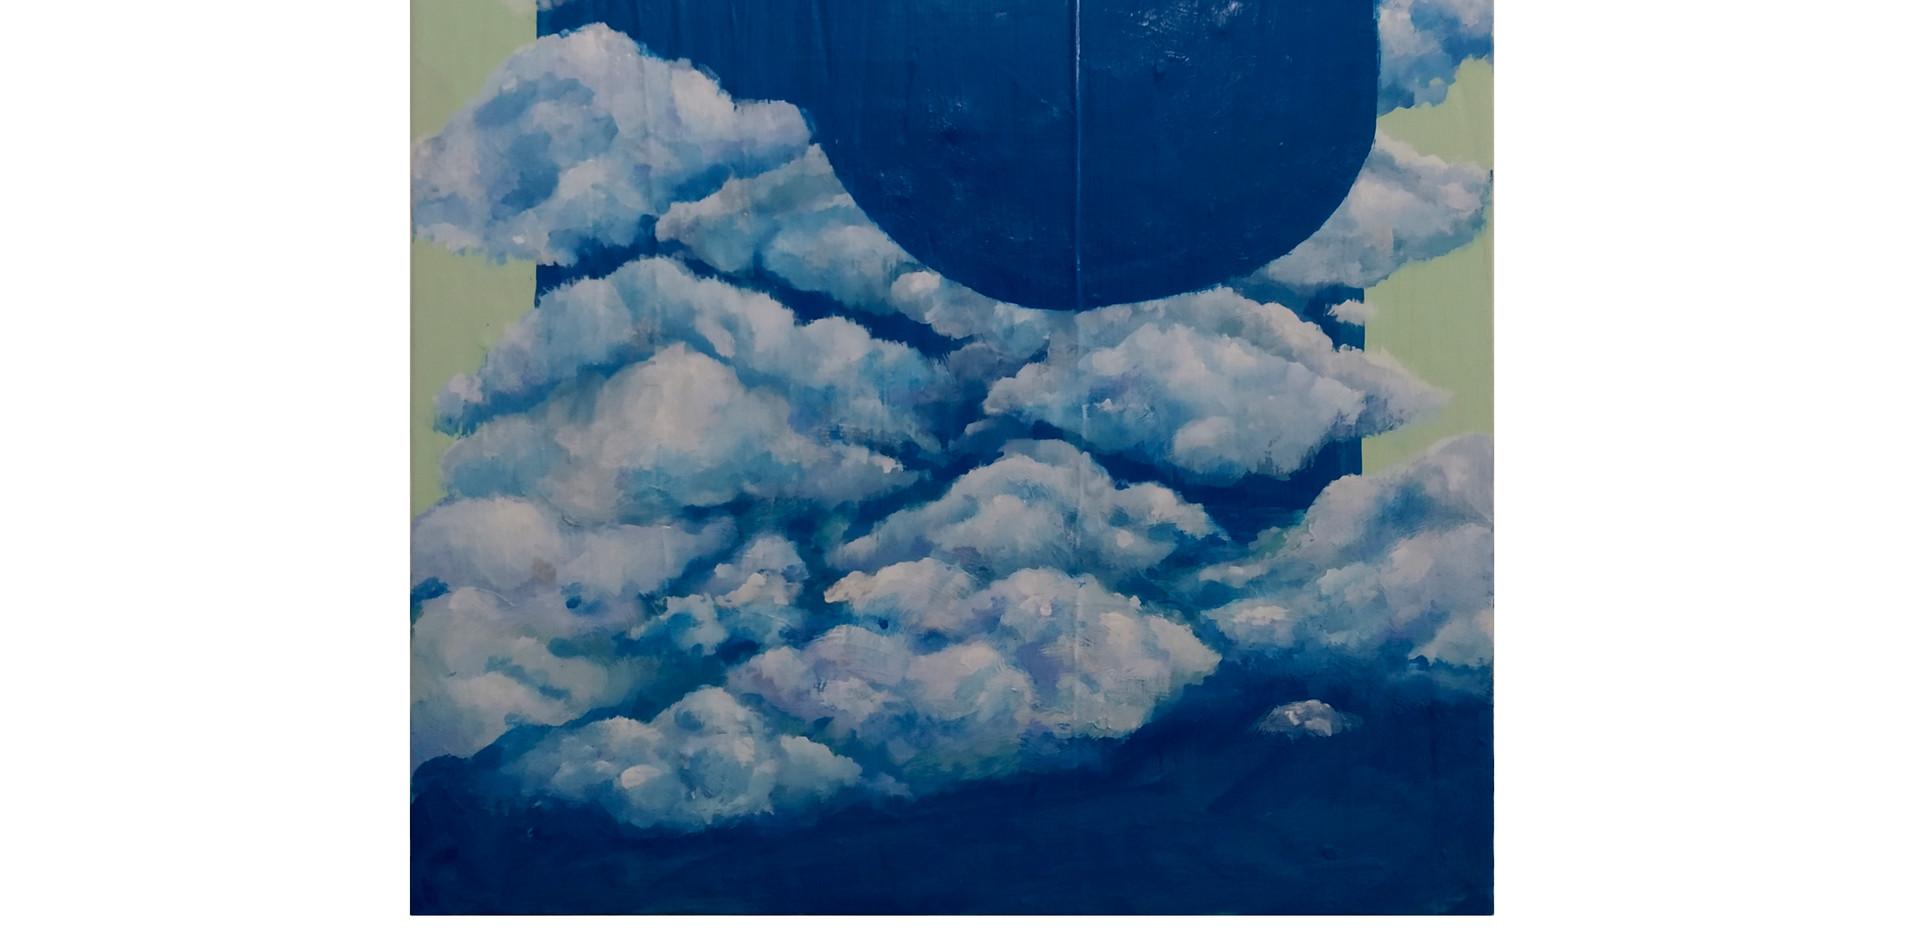 Série ponto de vista (Nublado) | 2020  Acrílica e argamassa sobre tela  37,5 x 46 cm